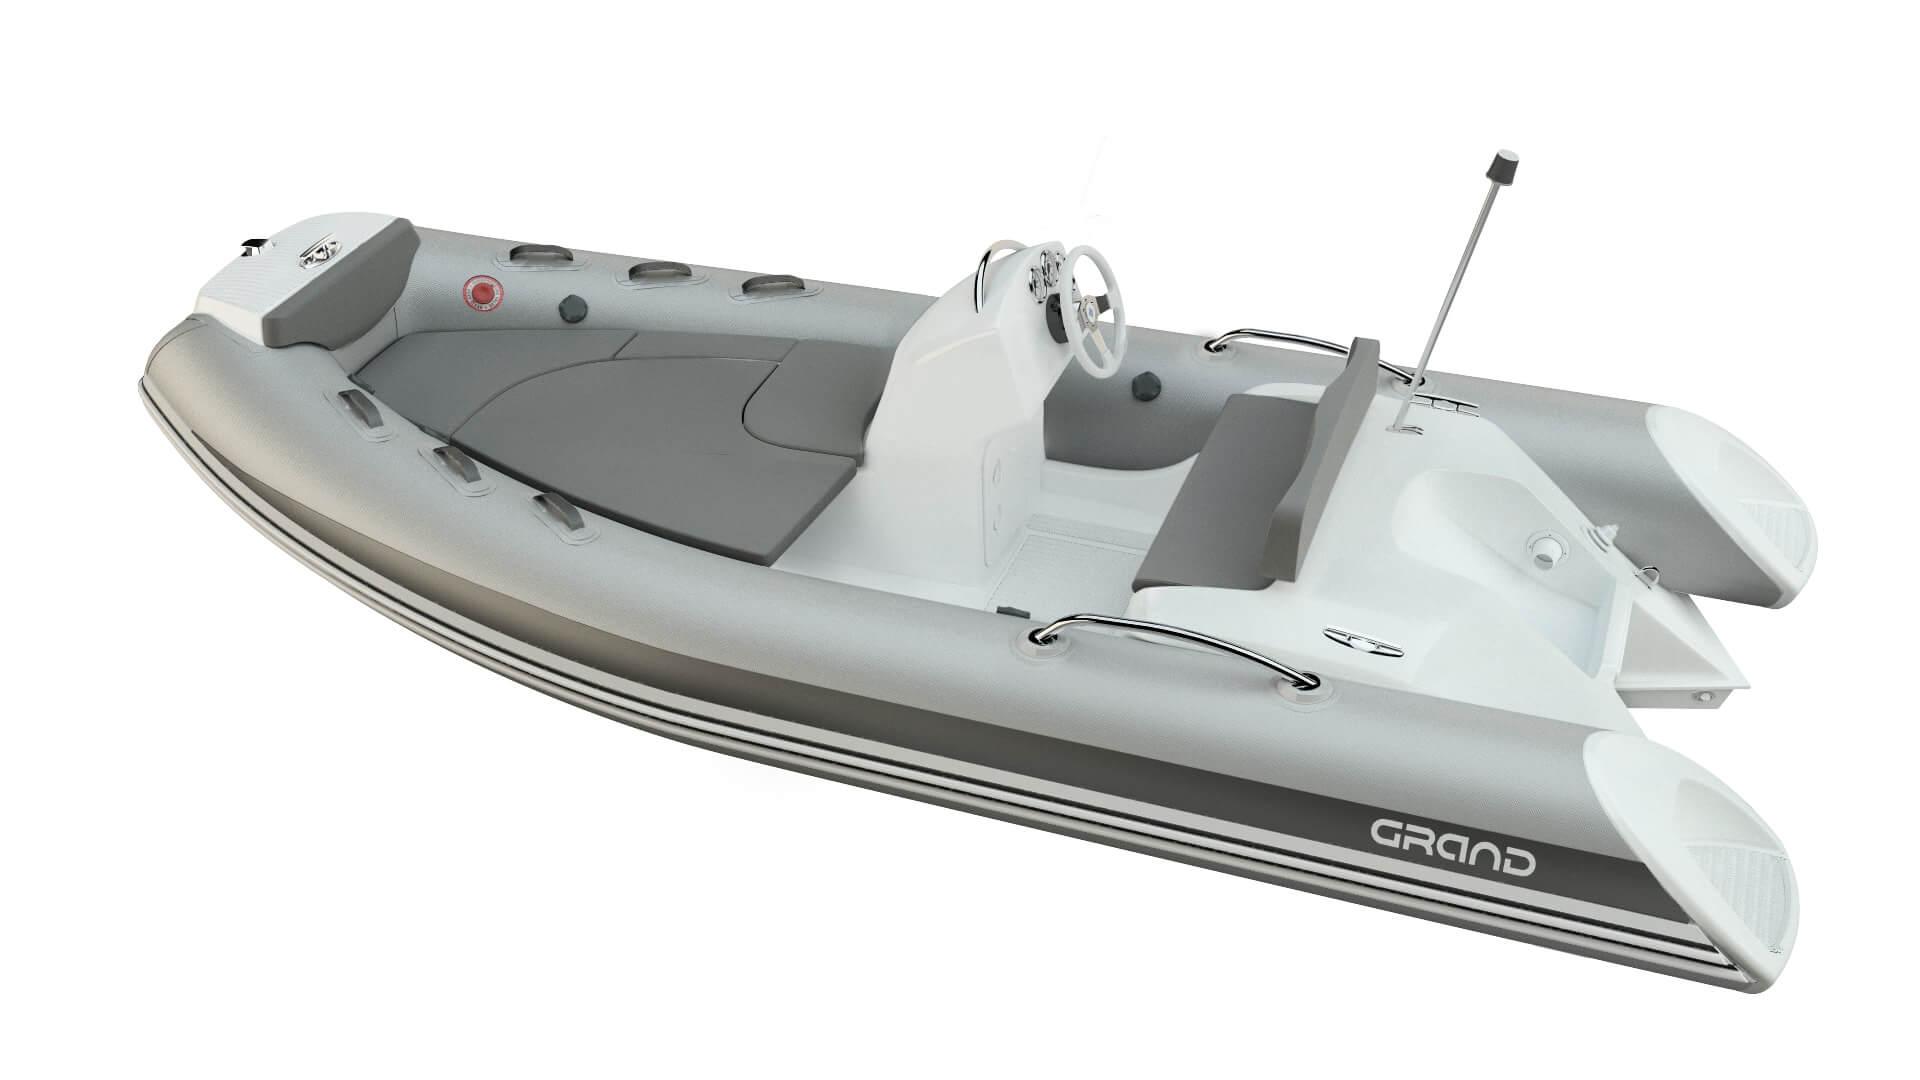 Надувная лодка GRAND Golden Line G480EF,  GRAND Golden Line G480EF,  GRAND G480EF, Надувная лодка GRAND Golden Line G480,  GRAND Golden Line G480,  GRAND G480, Надувная лодка GRAND, Надувная лодка с жестким дном,  Rigid Inflatable Boats, RIB